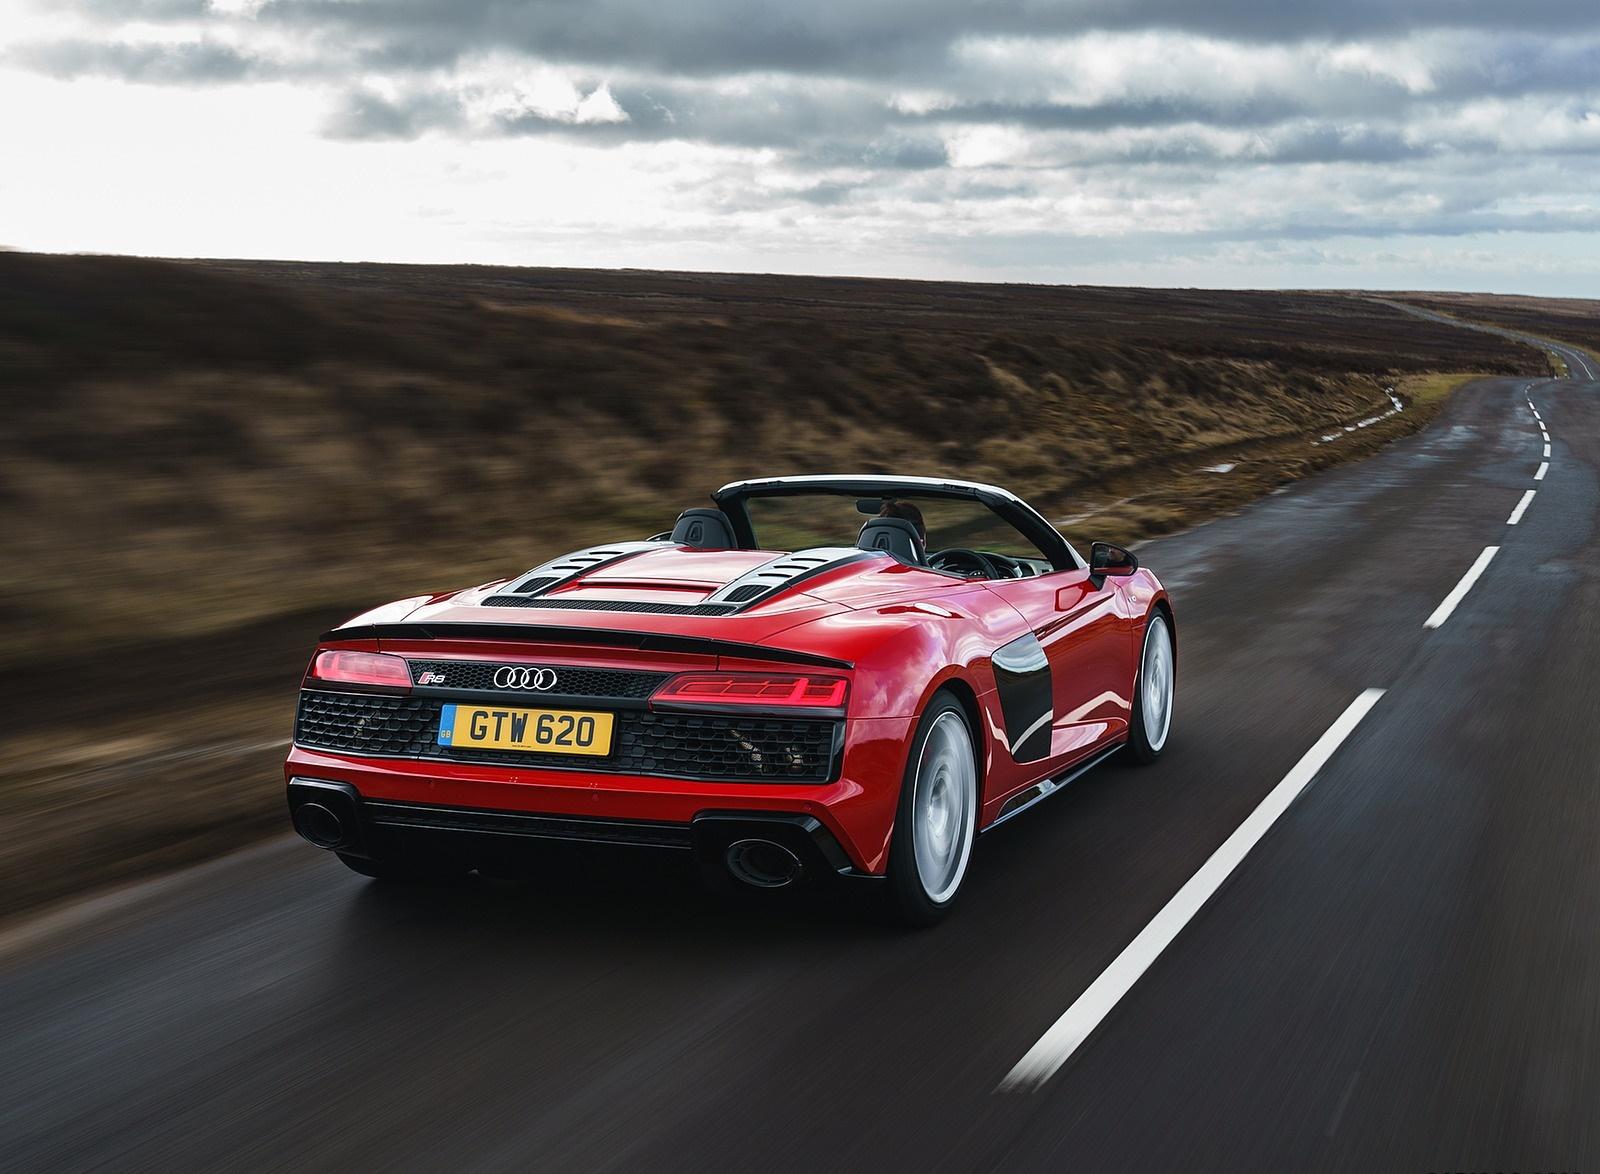 2019 Audi R8 V10 Spyder Performance quattro (UK-Spec) Rear Three-Quarter Wallpaper (10)